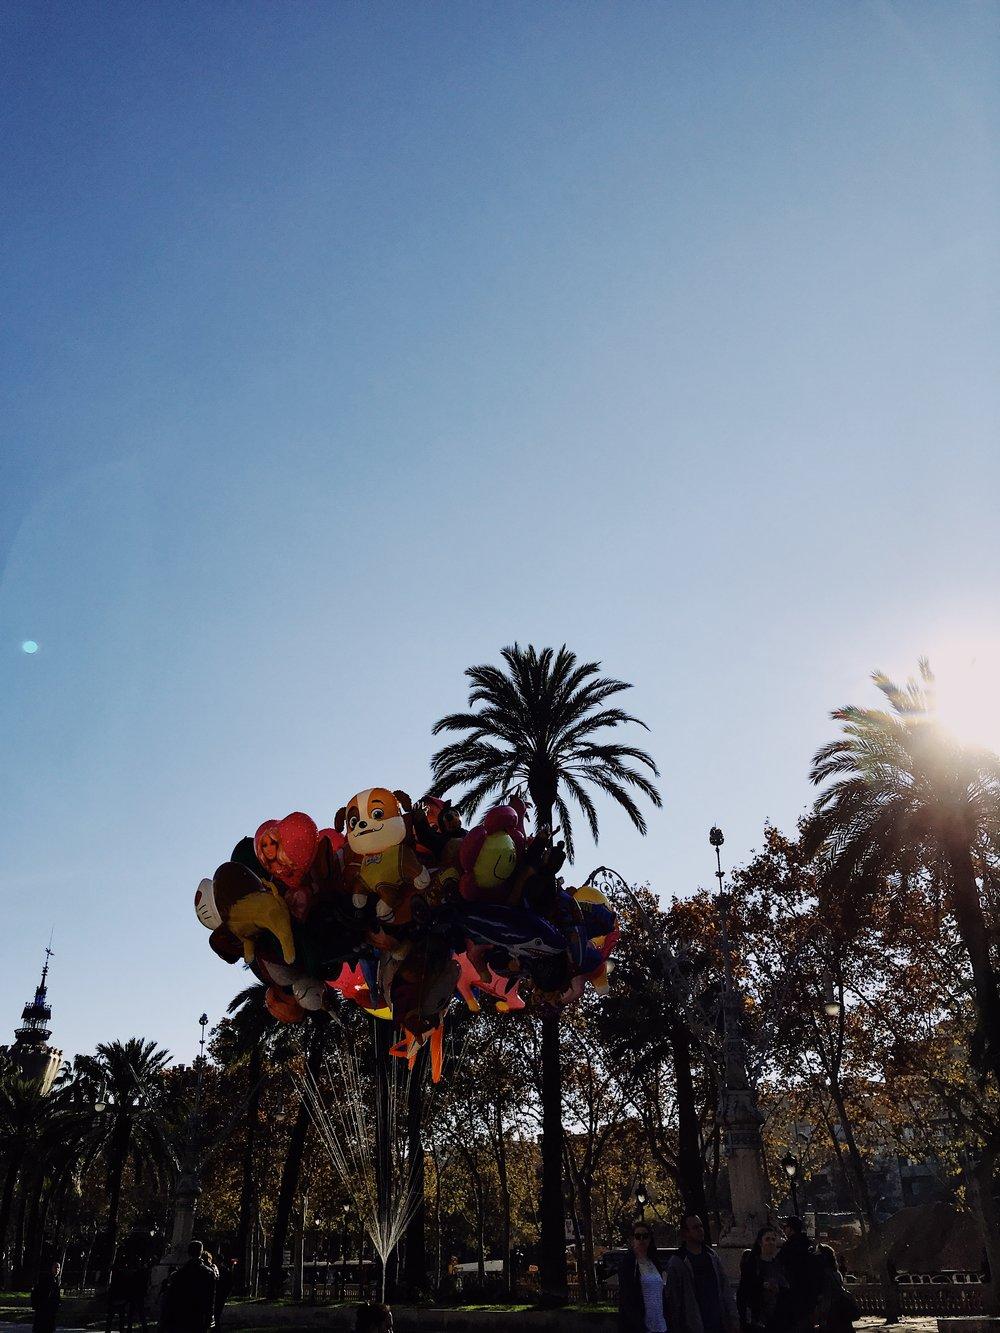 Barcelonaballoons.jpg